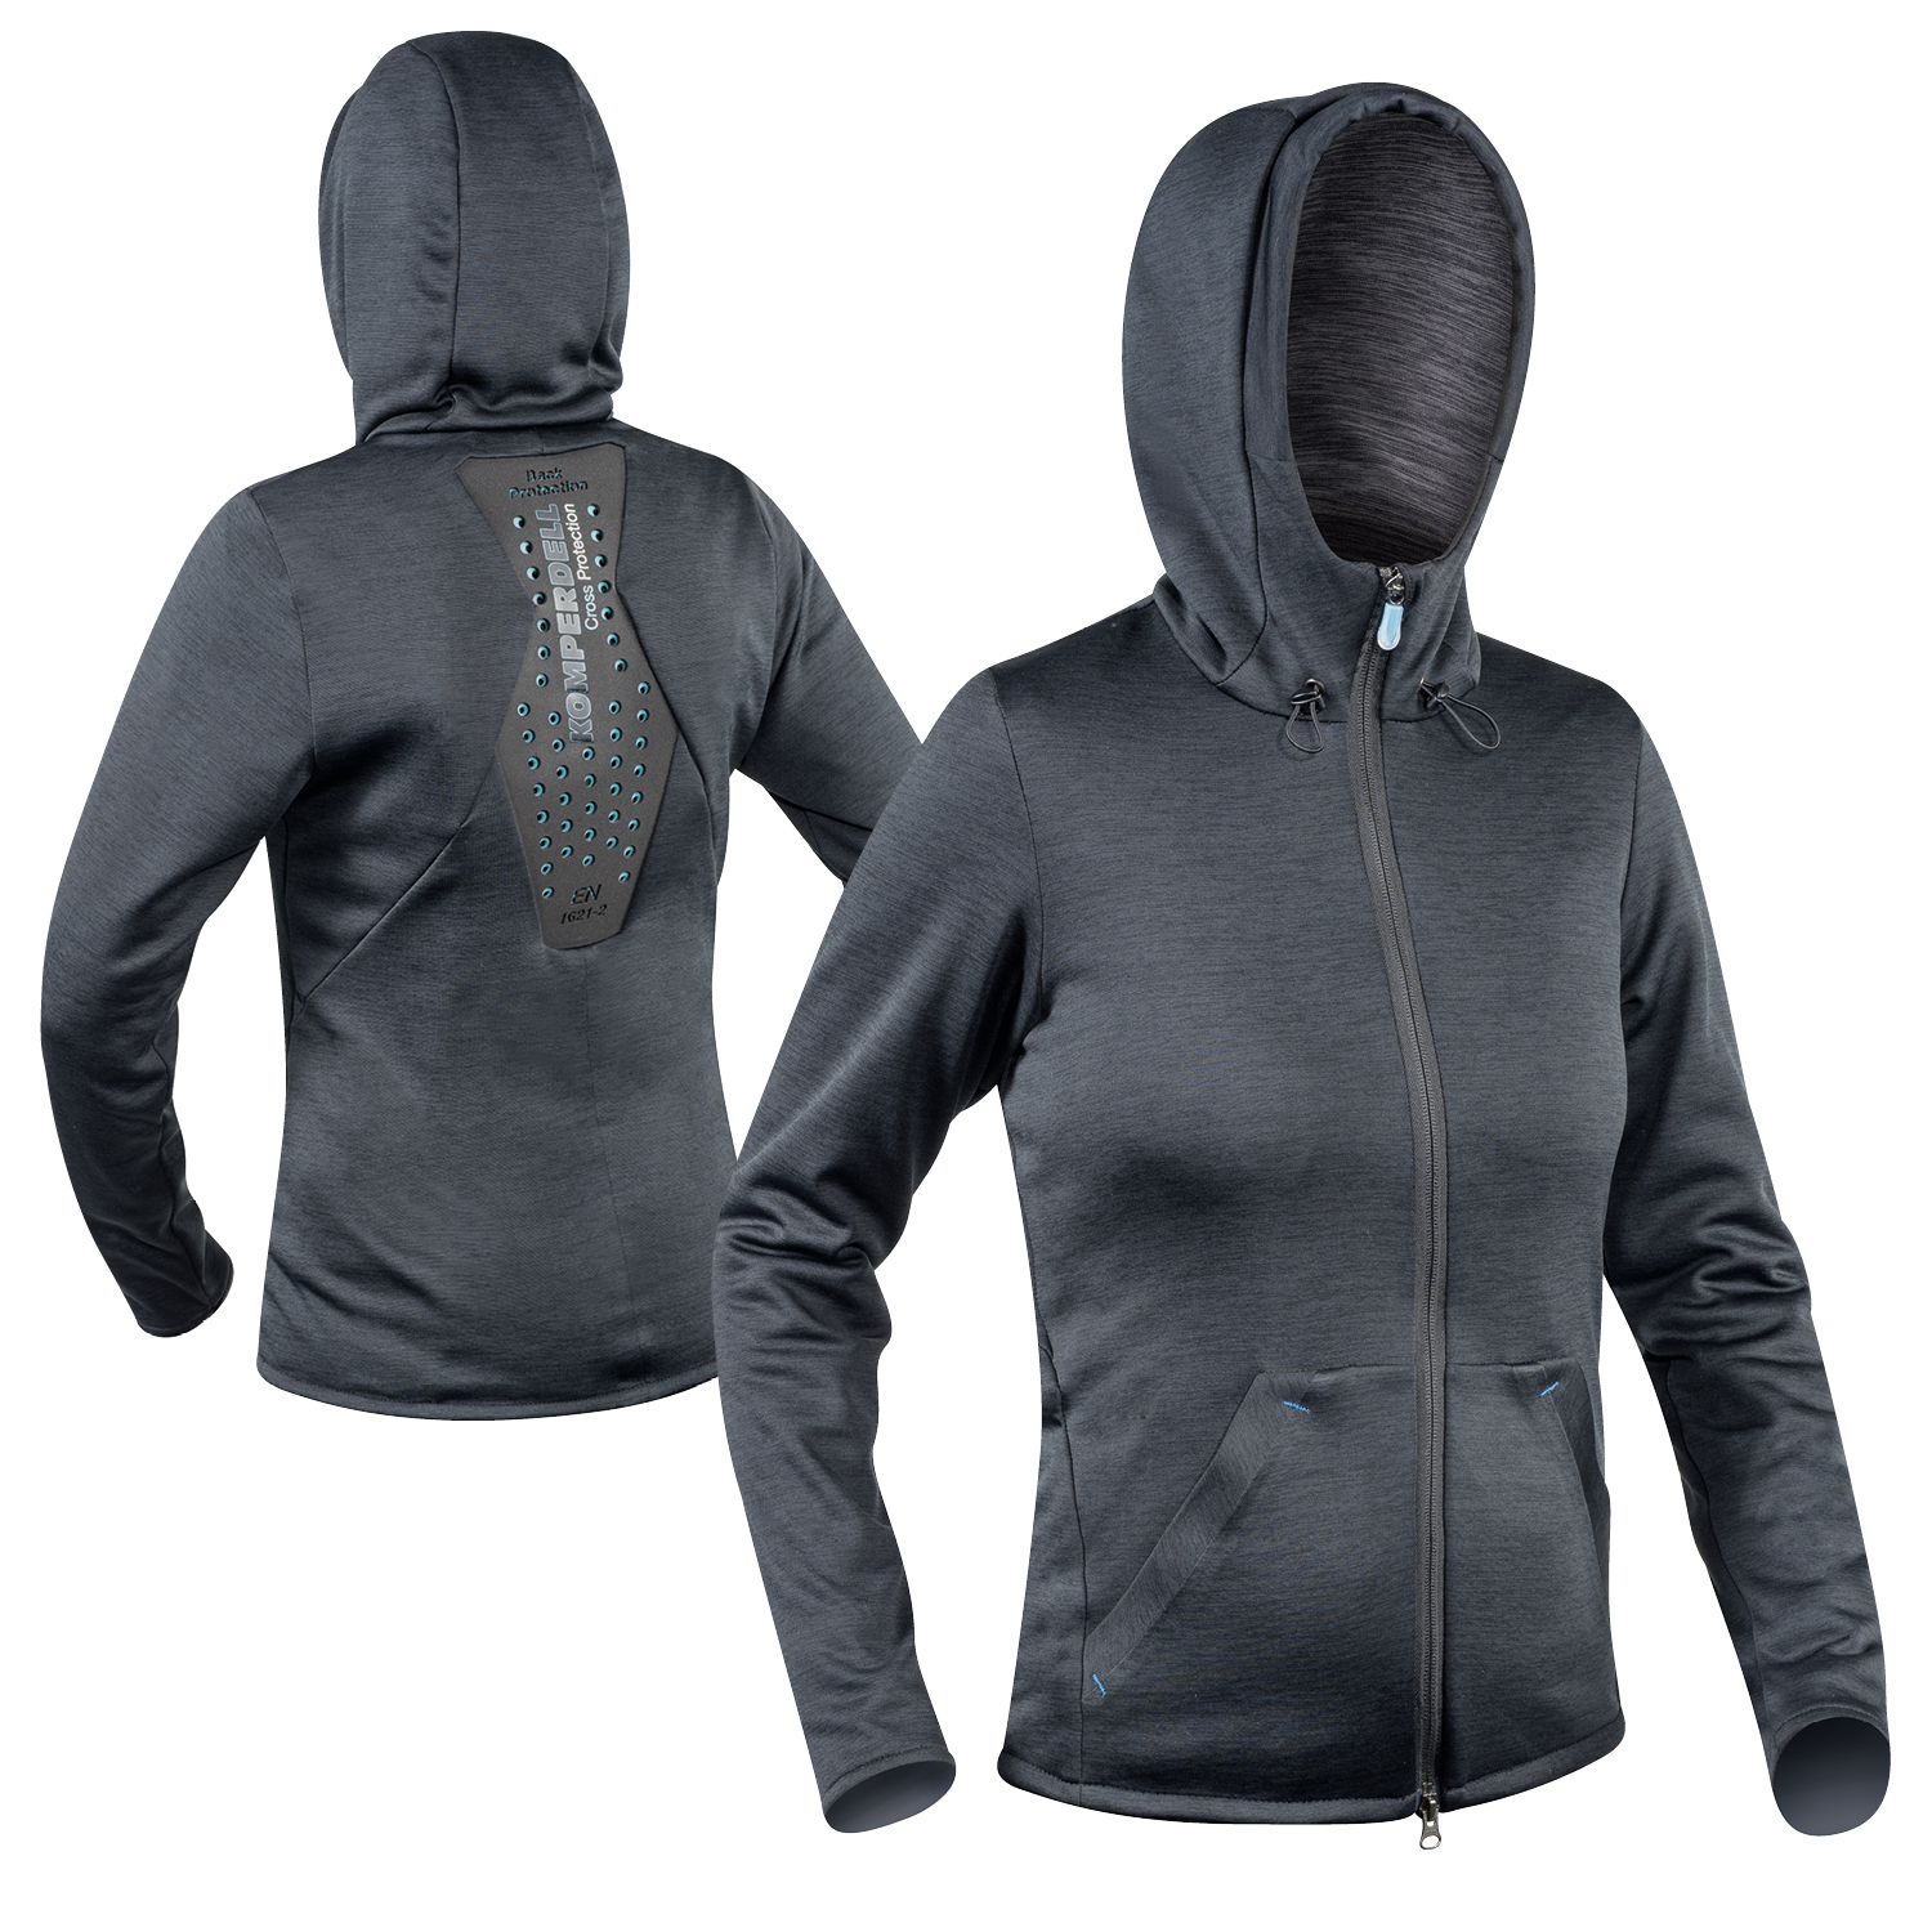 Full Zip Hoody Shirt Women